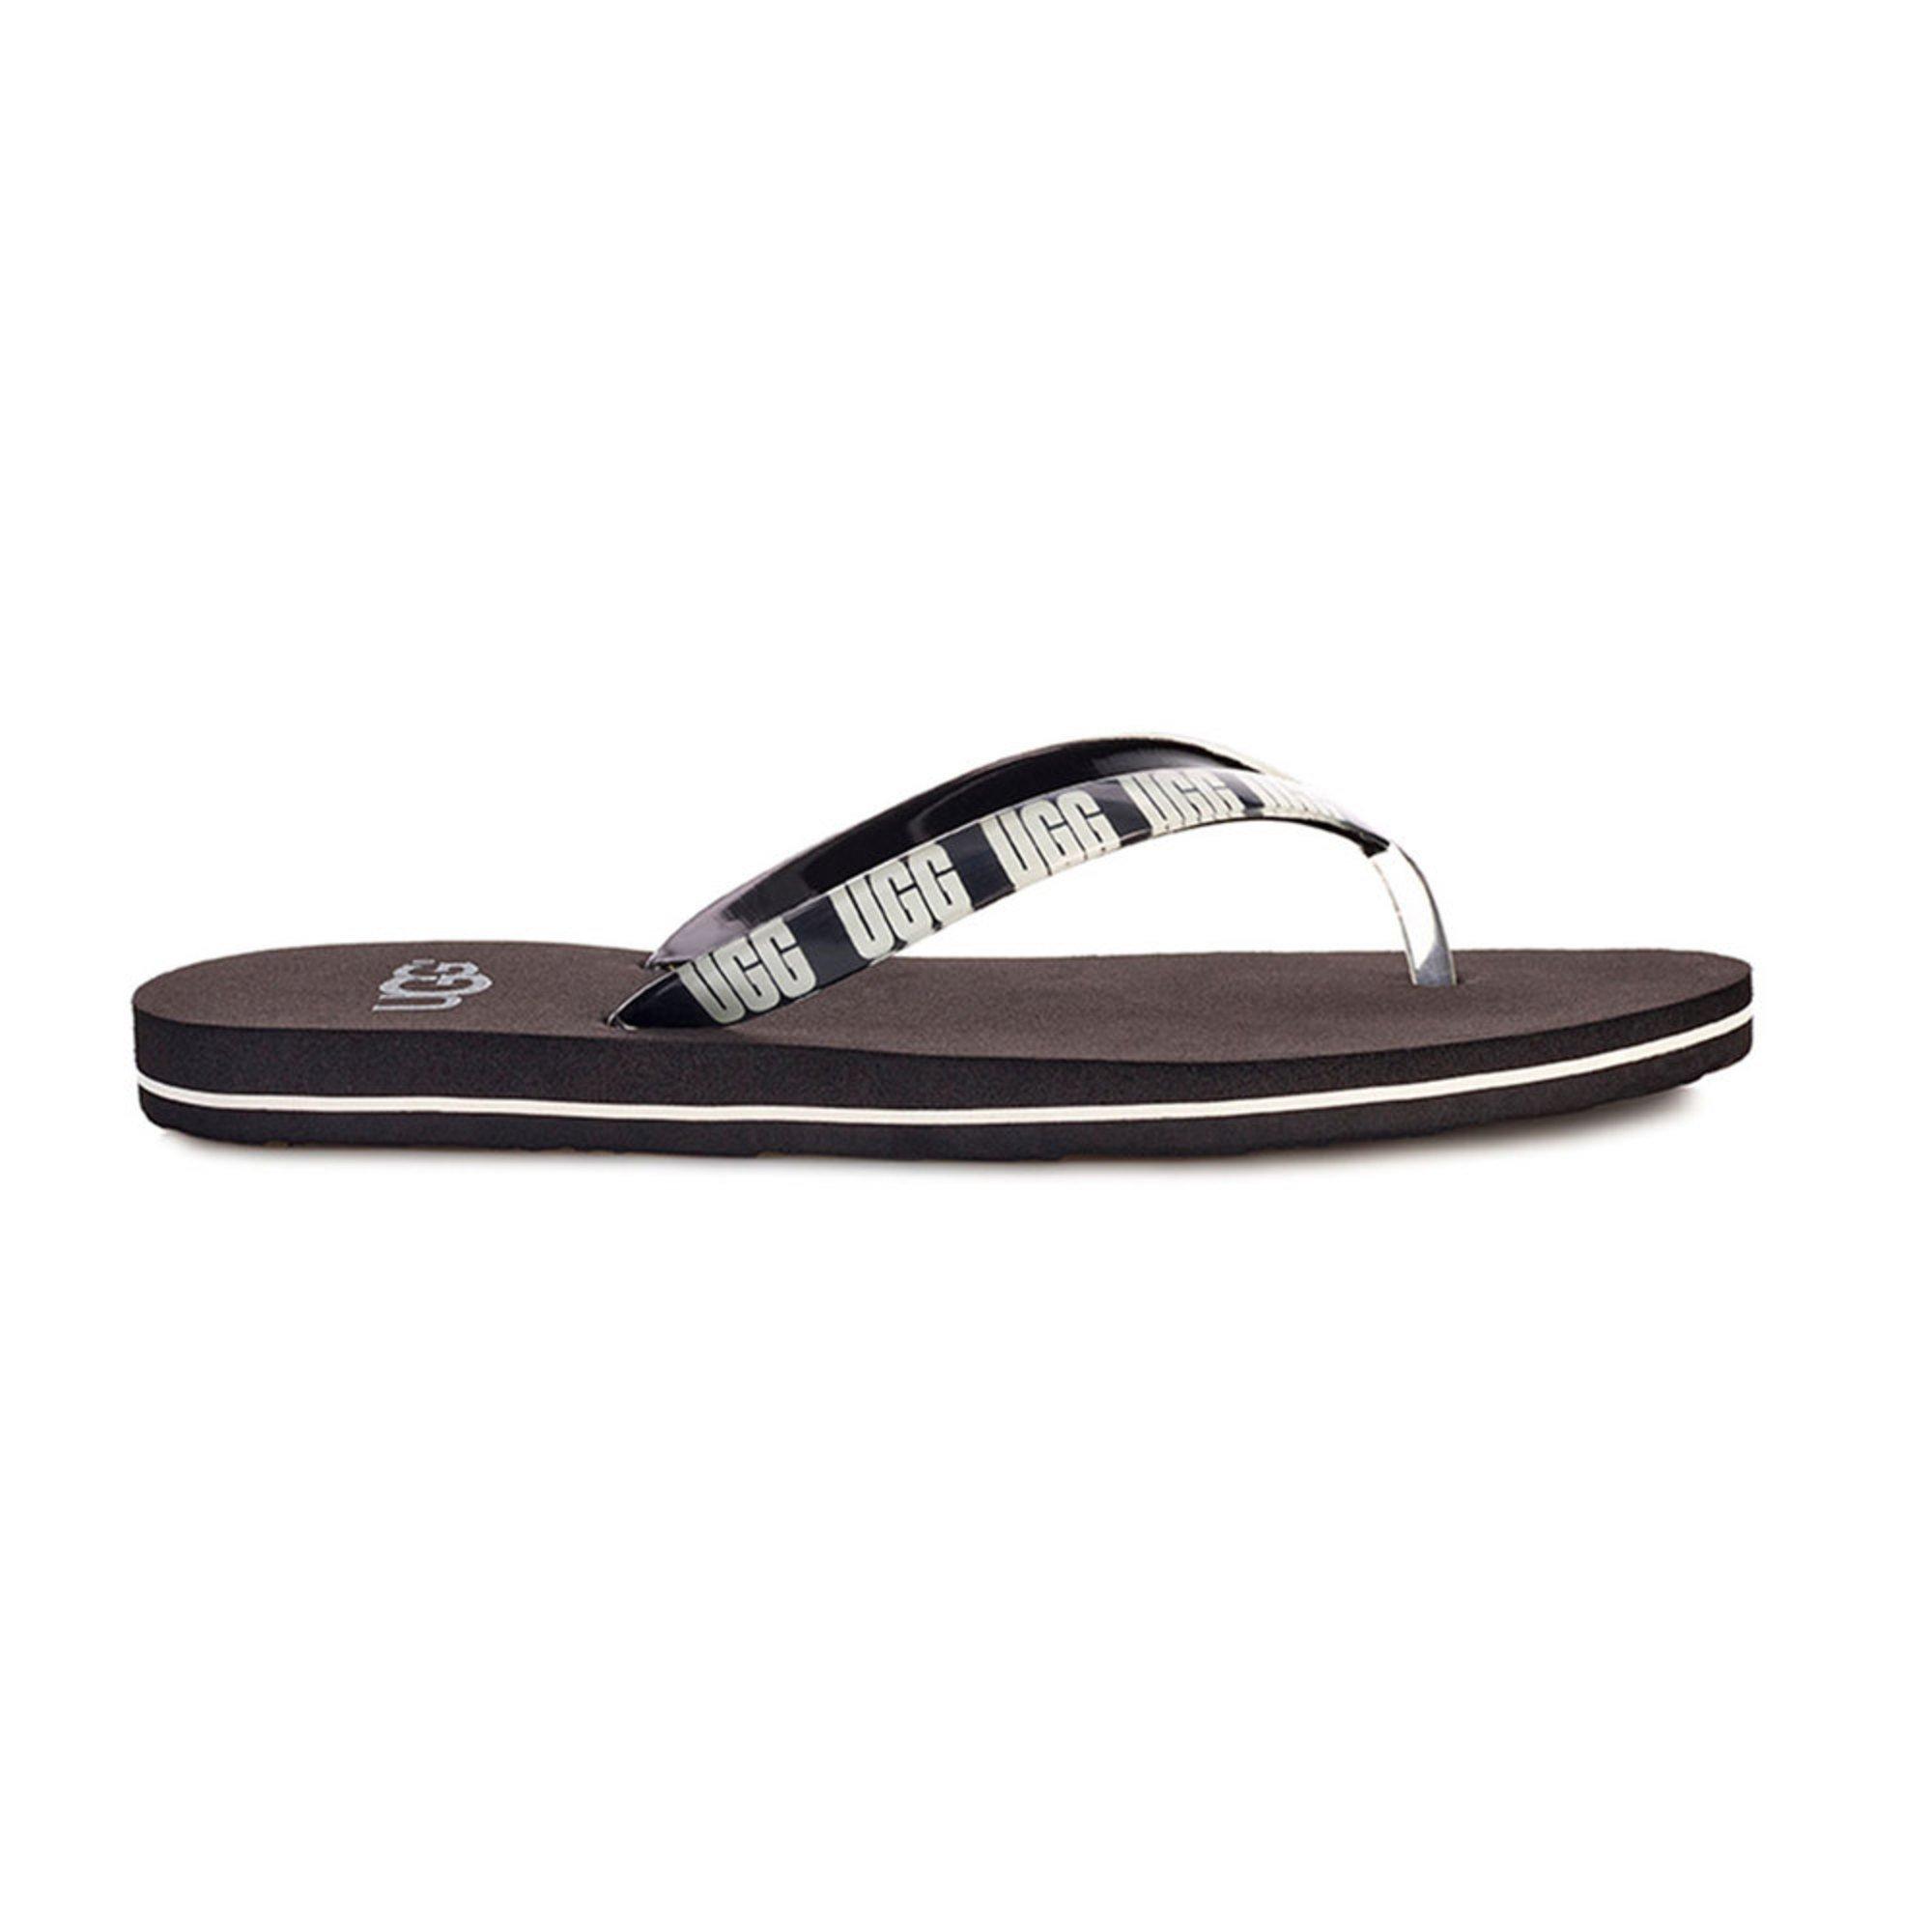 e23a6e247ad Ugg Women's Simi Graphic Flip Flop   Women's Sandals   Shoes - Shop ...